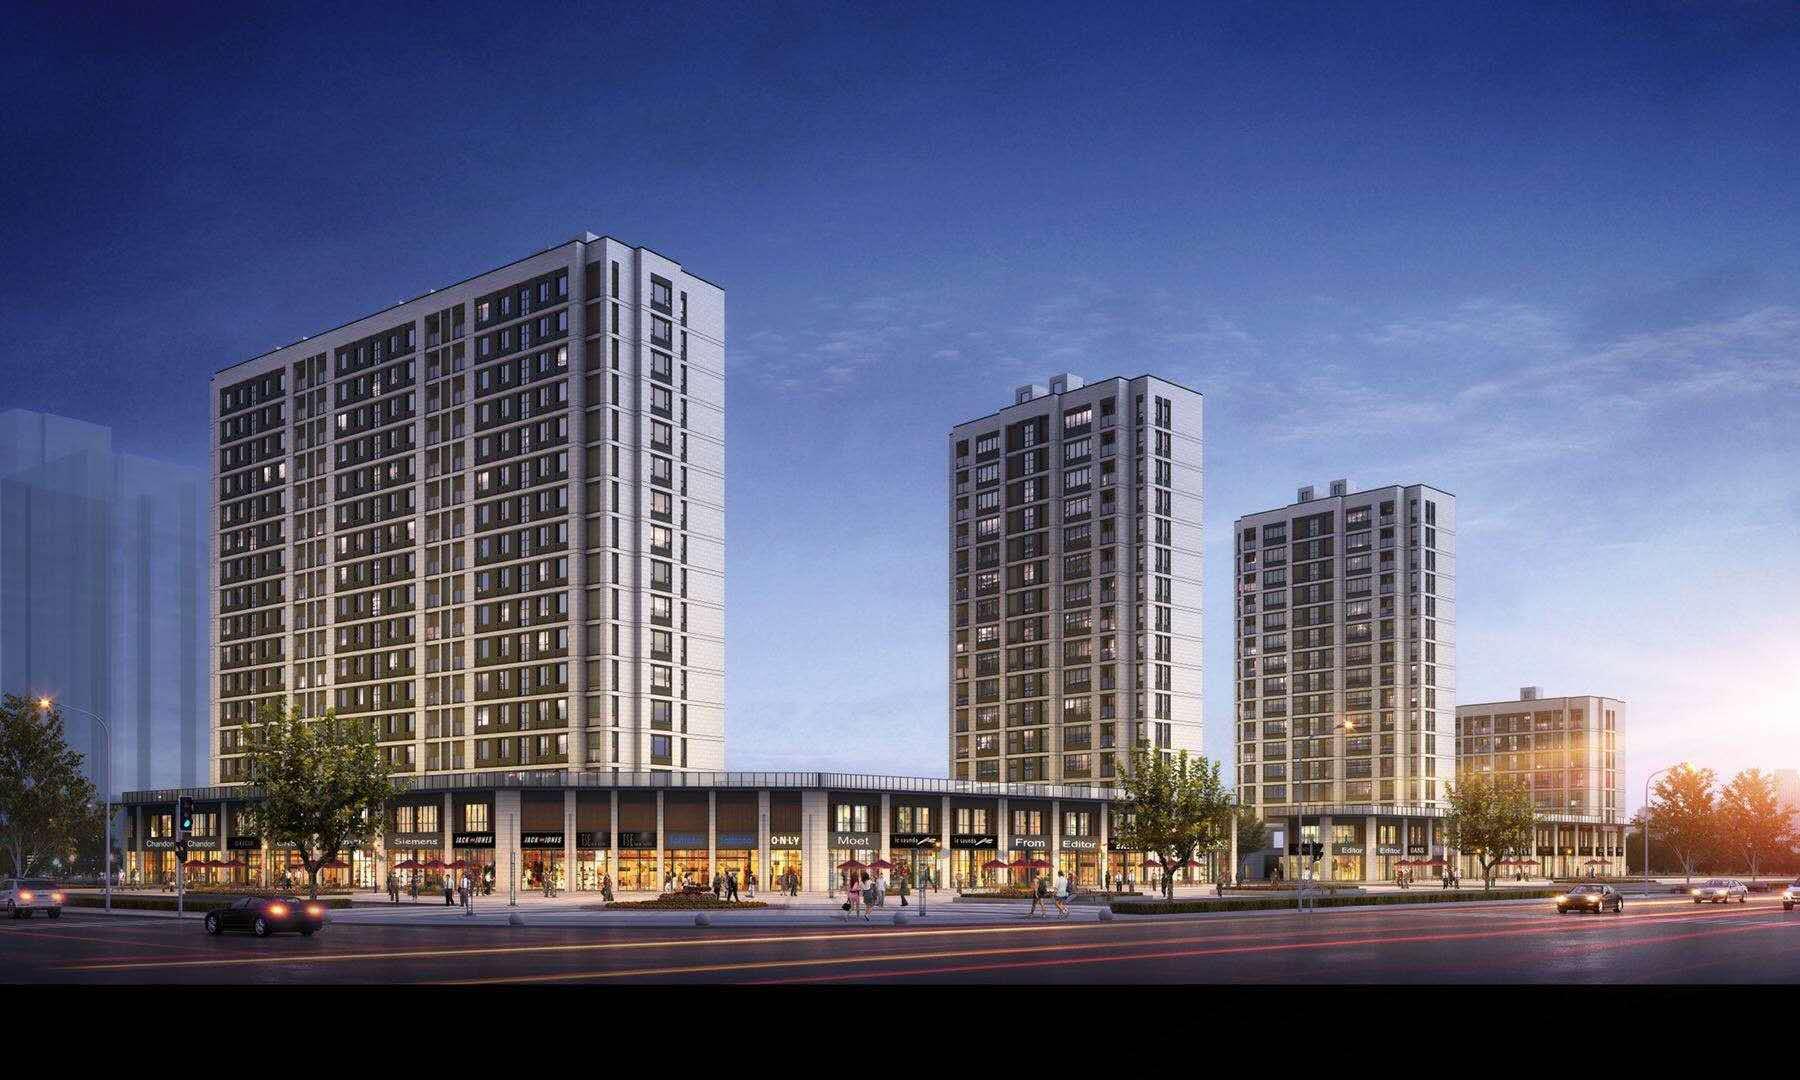 万固融让高端住宅火热出售 投资住宅的最佳选择